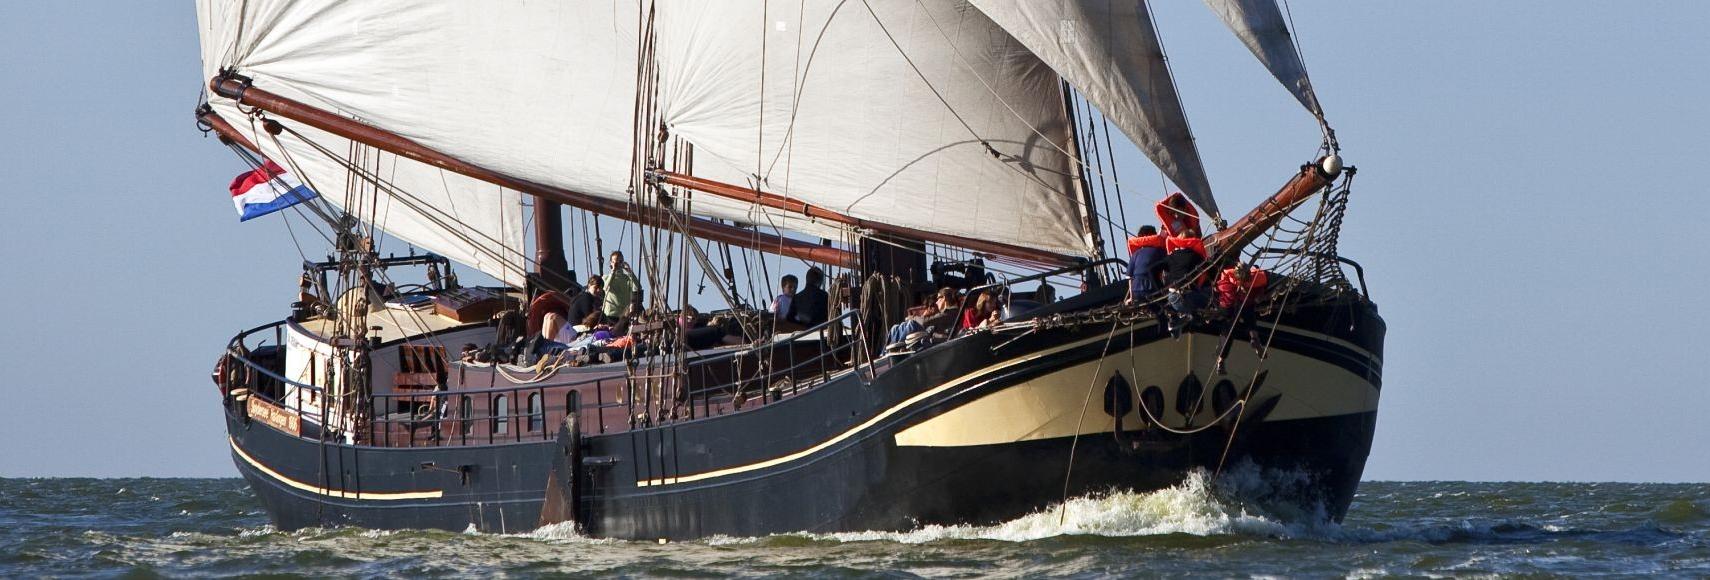 Zeilboot Suydersee